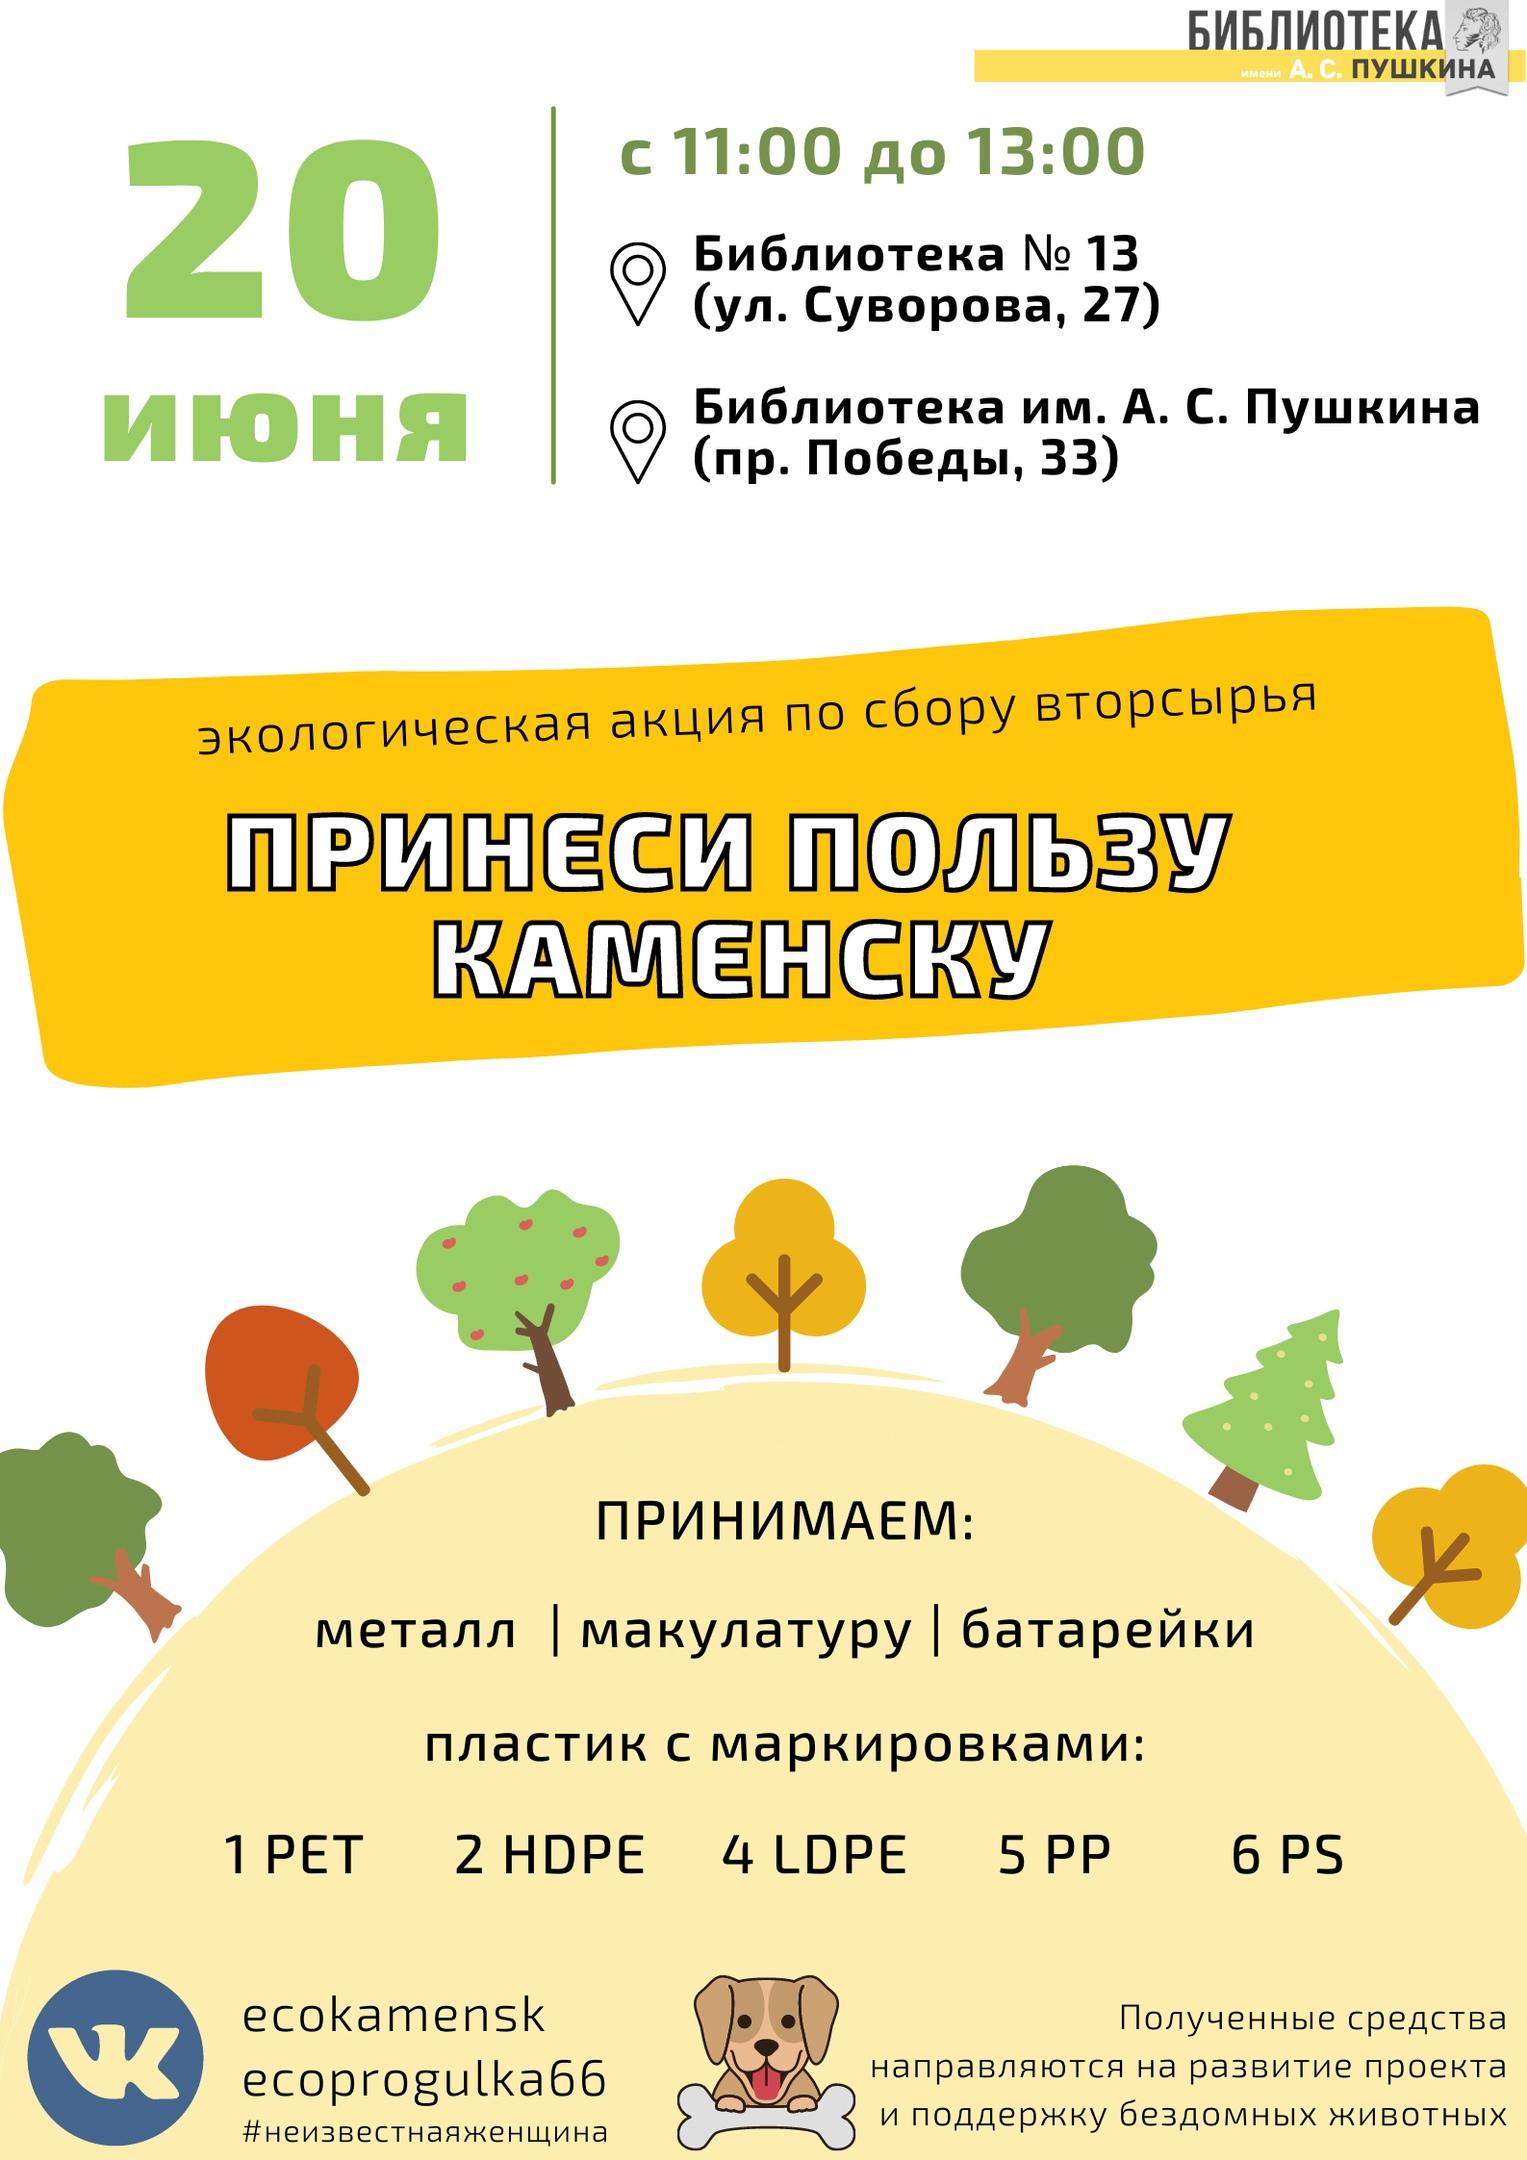 Акция по сбору вторсырья пройдет в Каменске-Уральском 20 июня